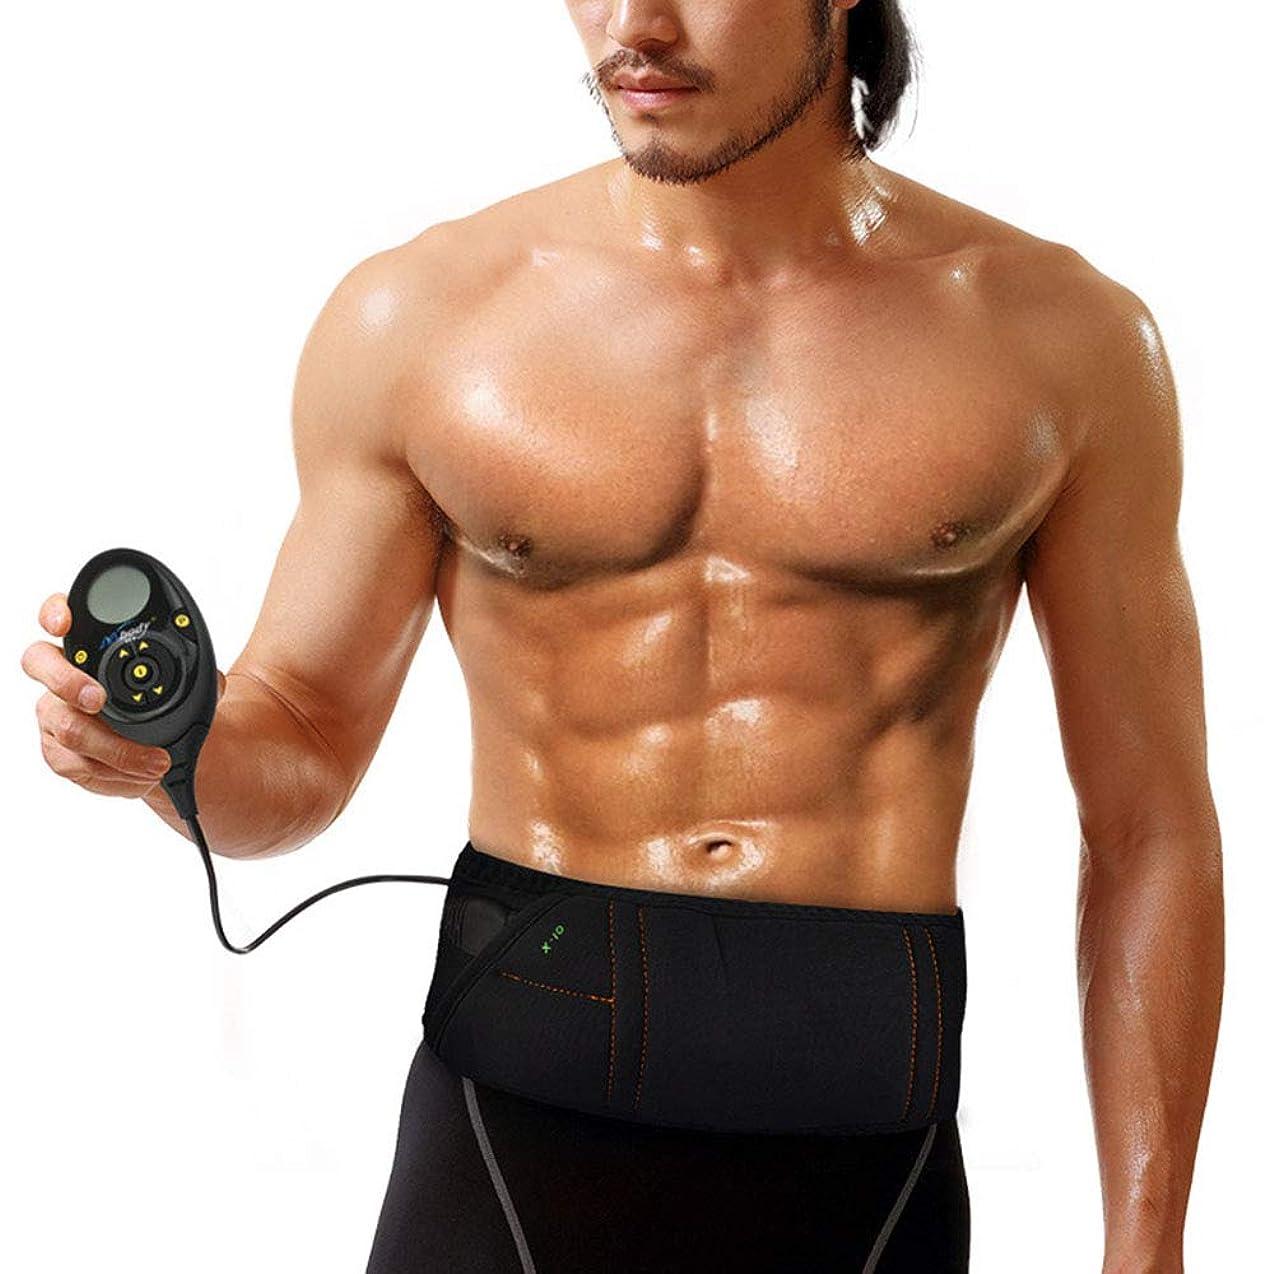 薄いです入場料アレンジ電気Slim身ベルト、Slim身マシンフィットネス脂肪削減多機能産後腹部フィットネスベルト10モード0-150運動強度マッサージベルト